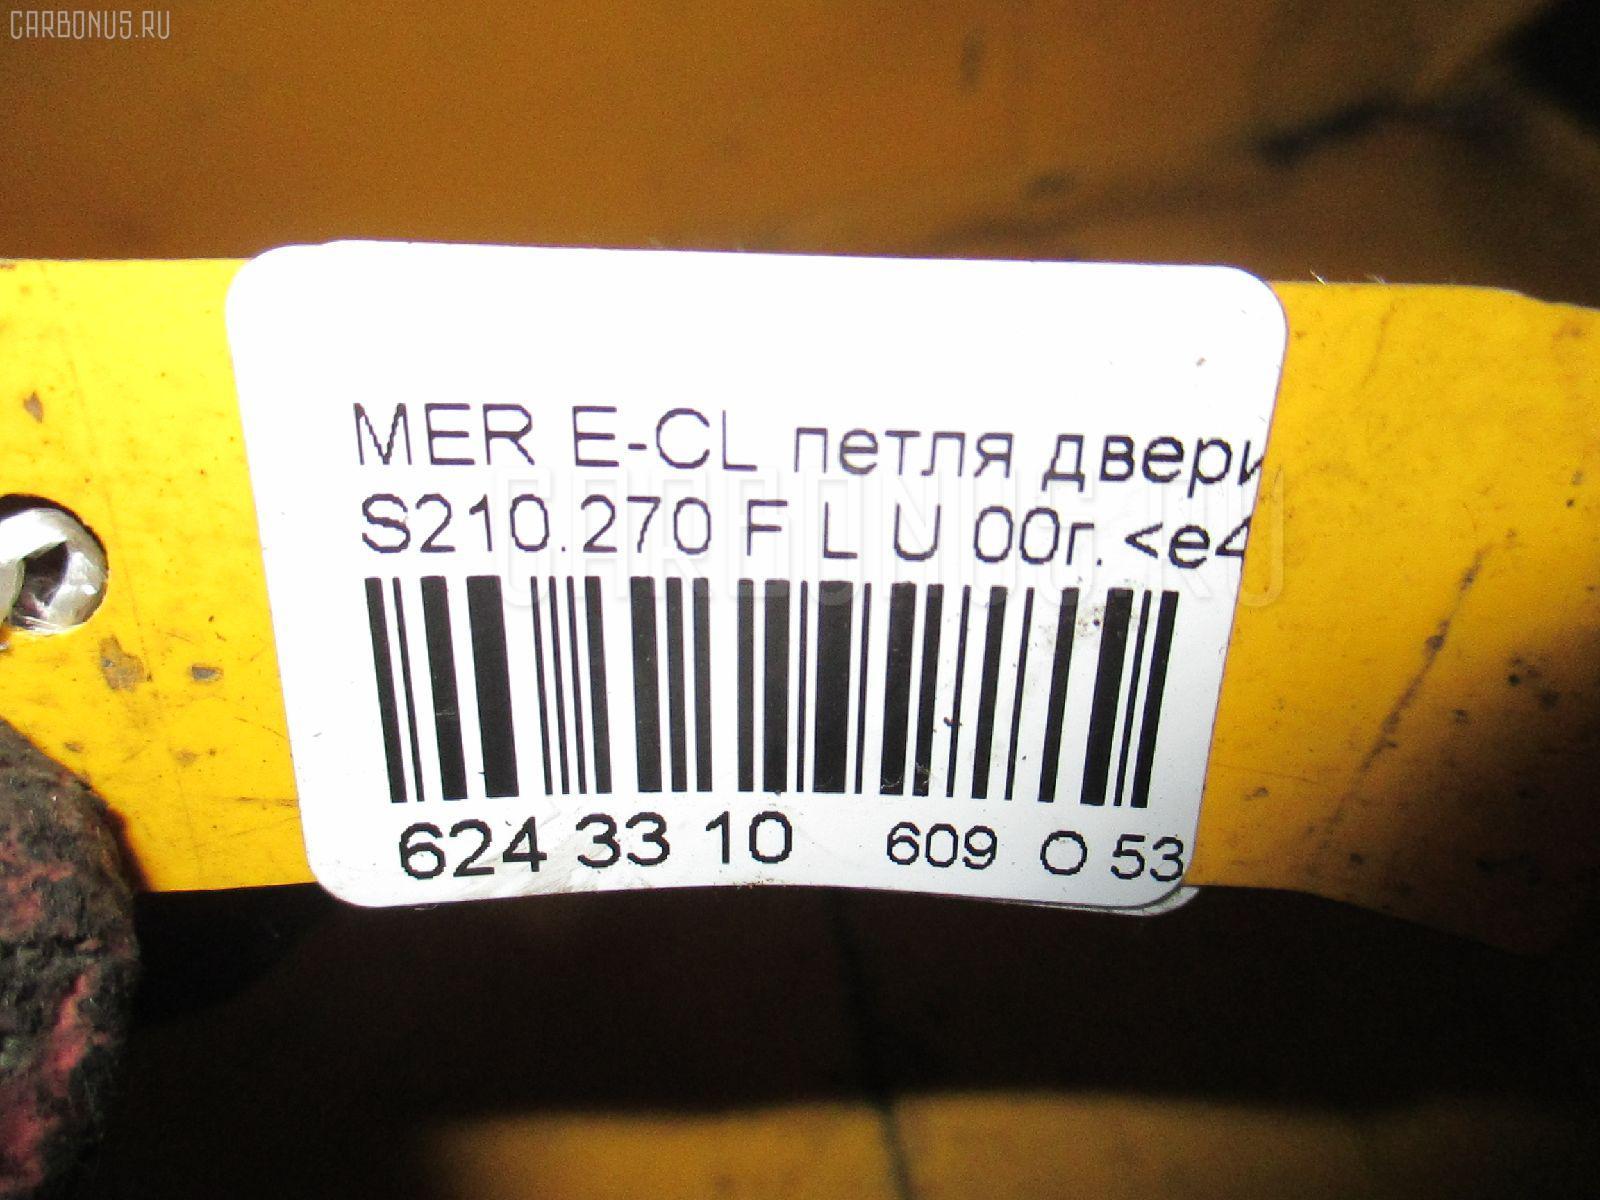 Петля двери шарнирная MERCEDES-BENZ E-CLASS STATION WAGON S210.270 Фото 6